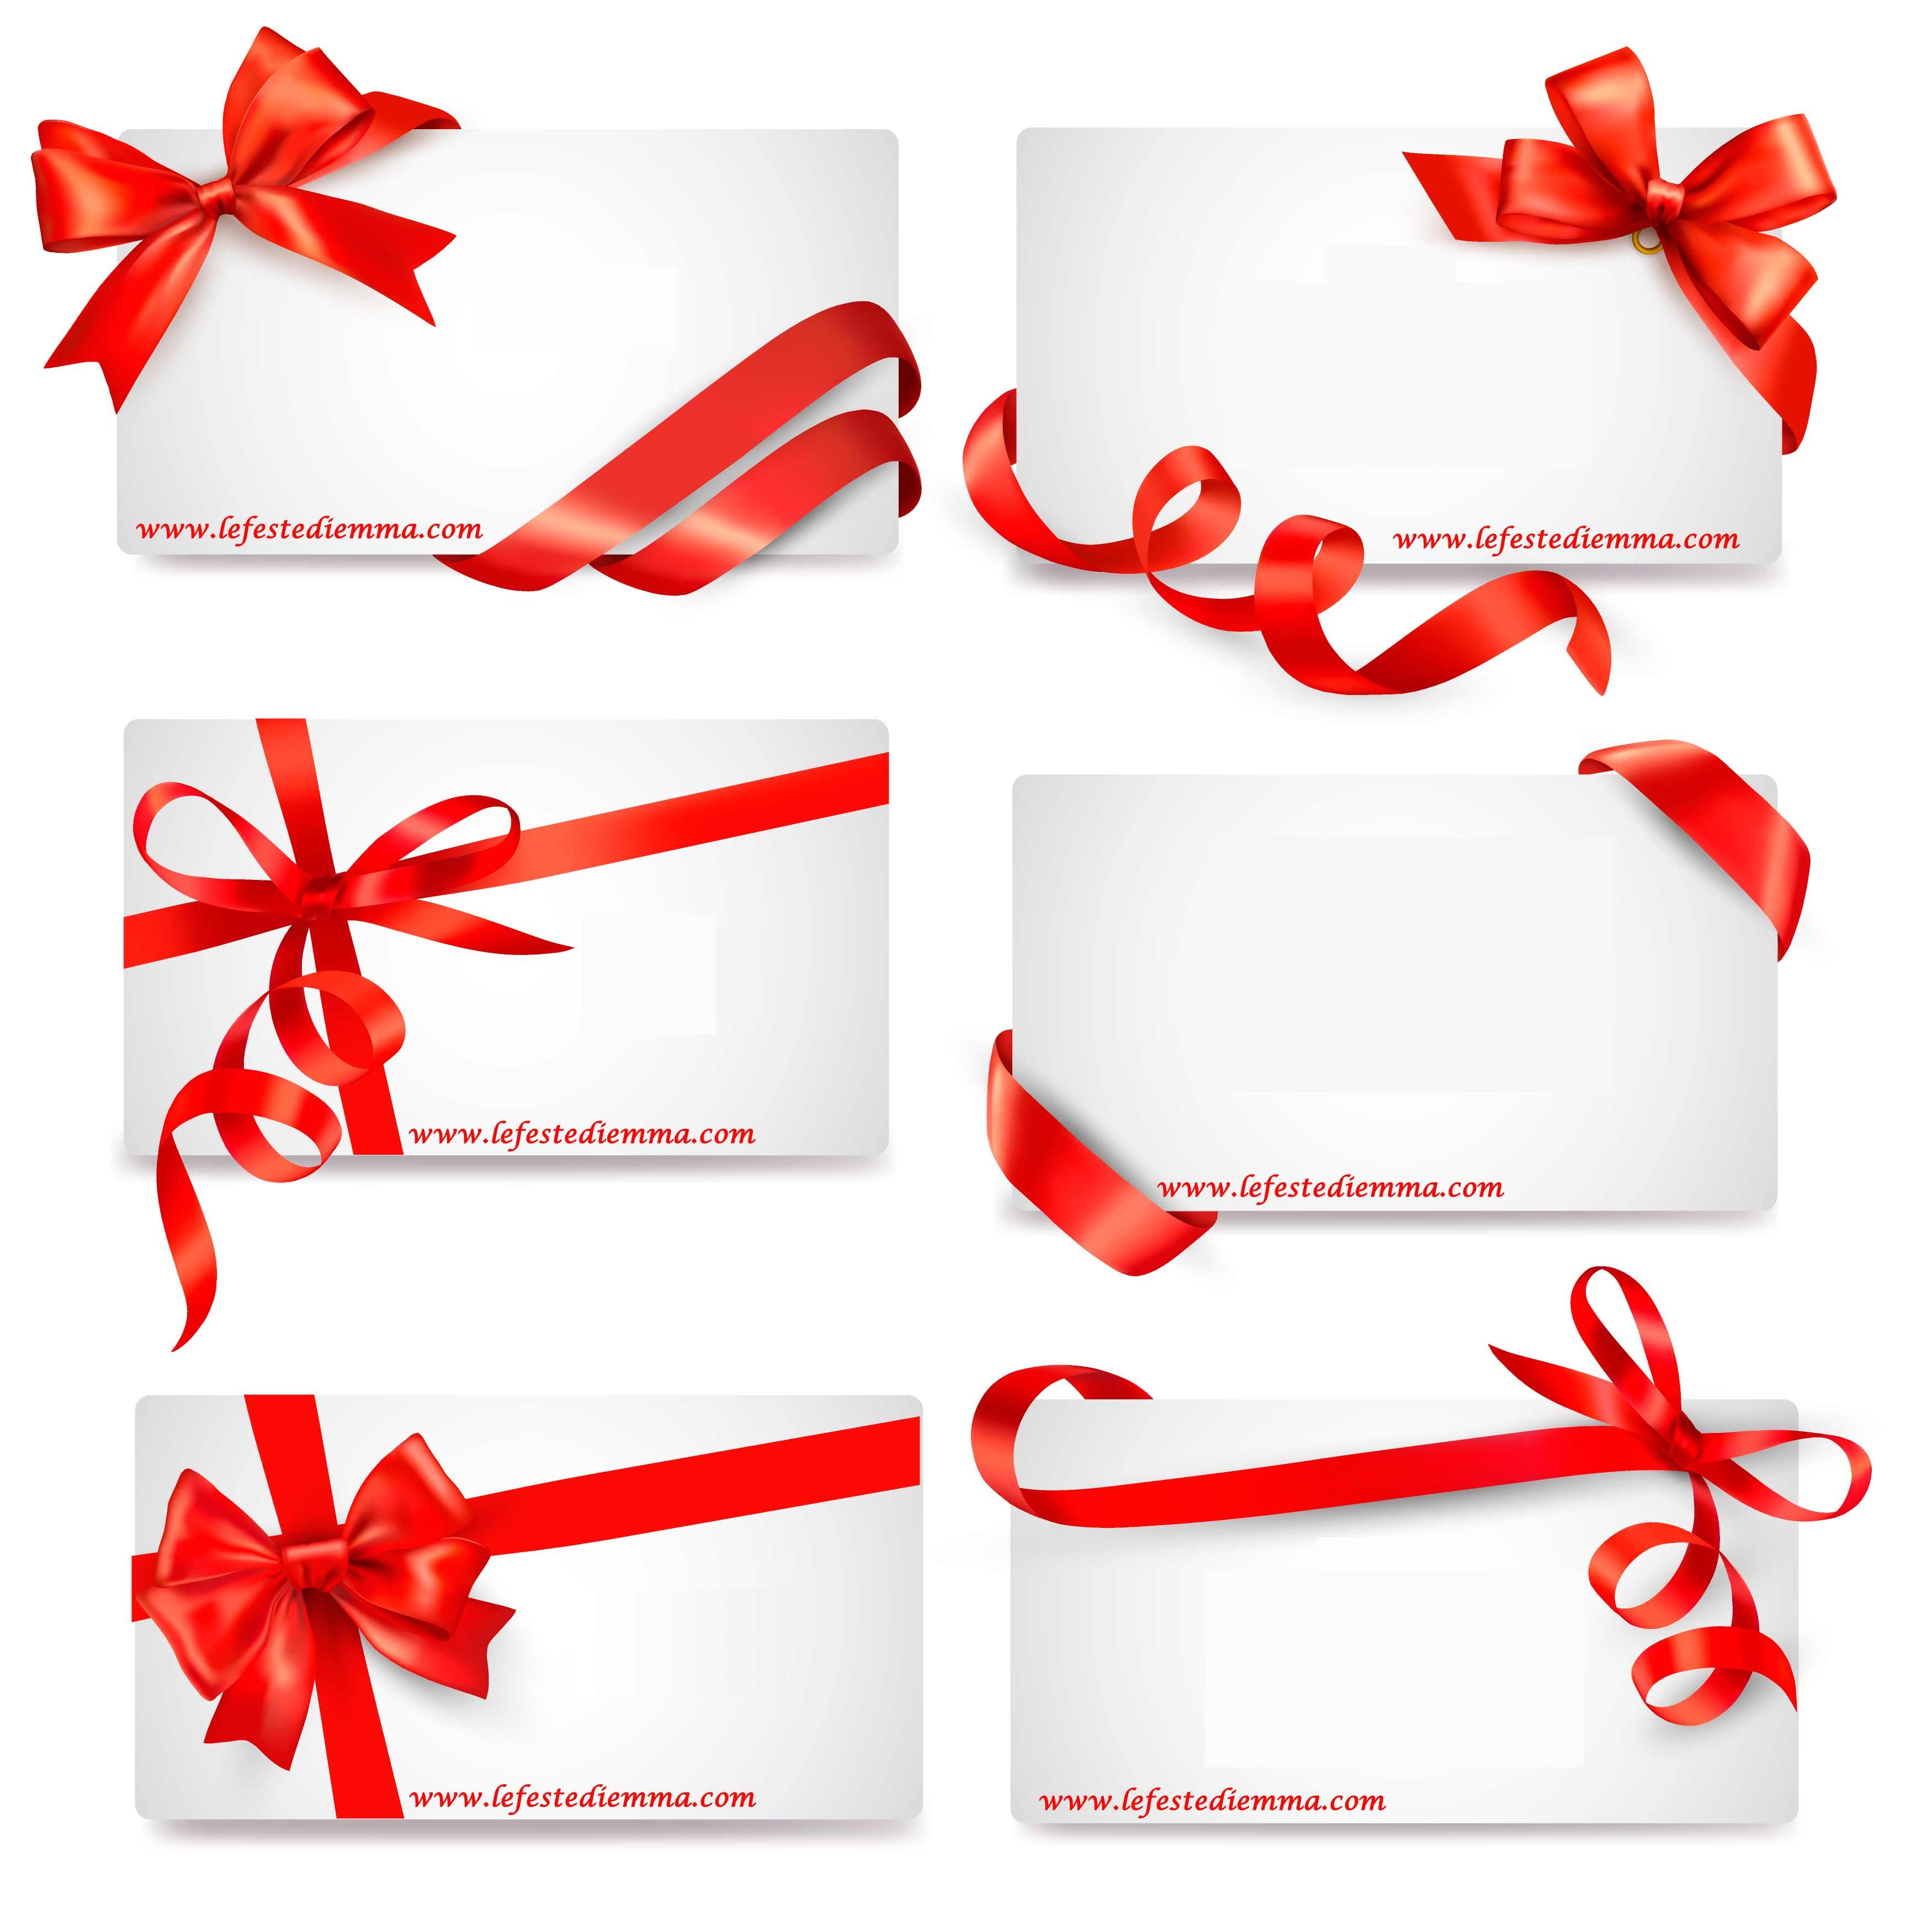 Idee Per Feste Di Natale Biglietti Di Auguri Natalizi Feste Di Natale